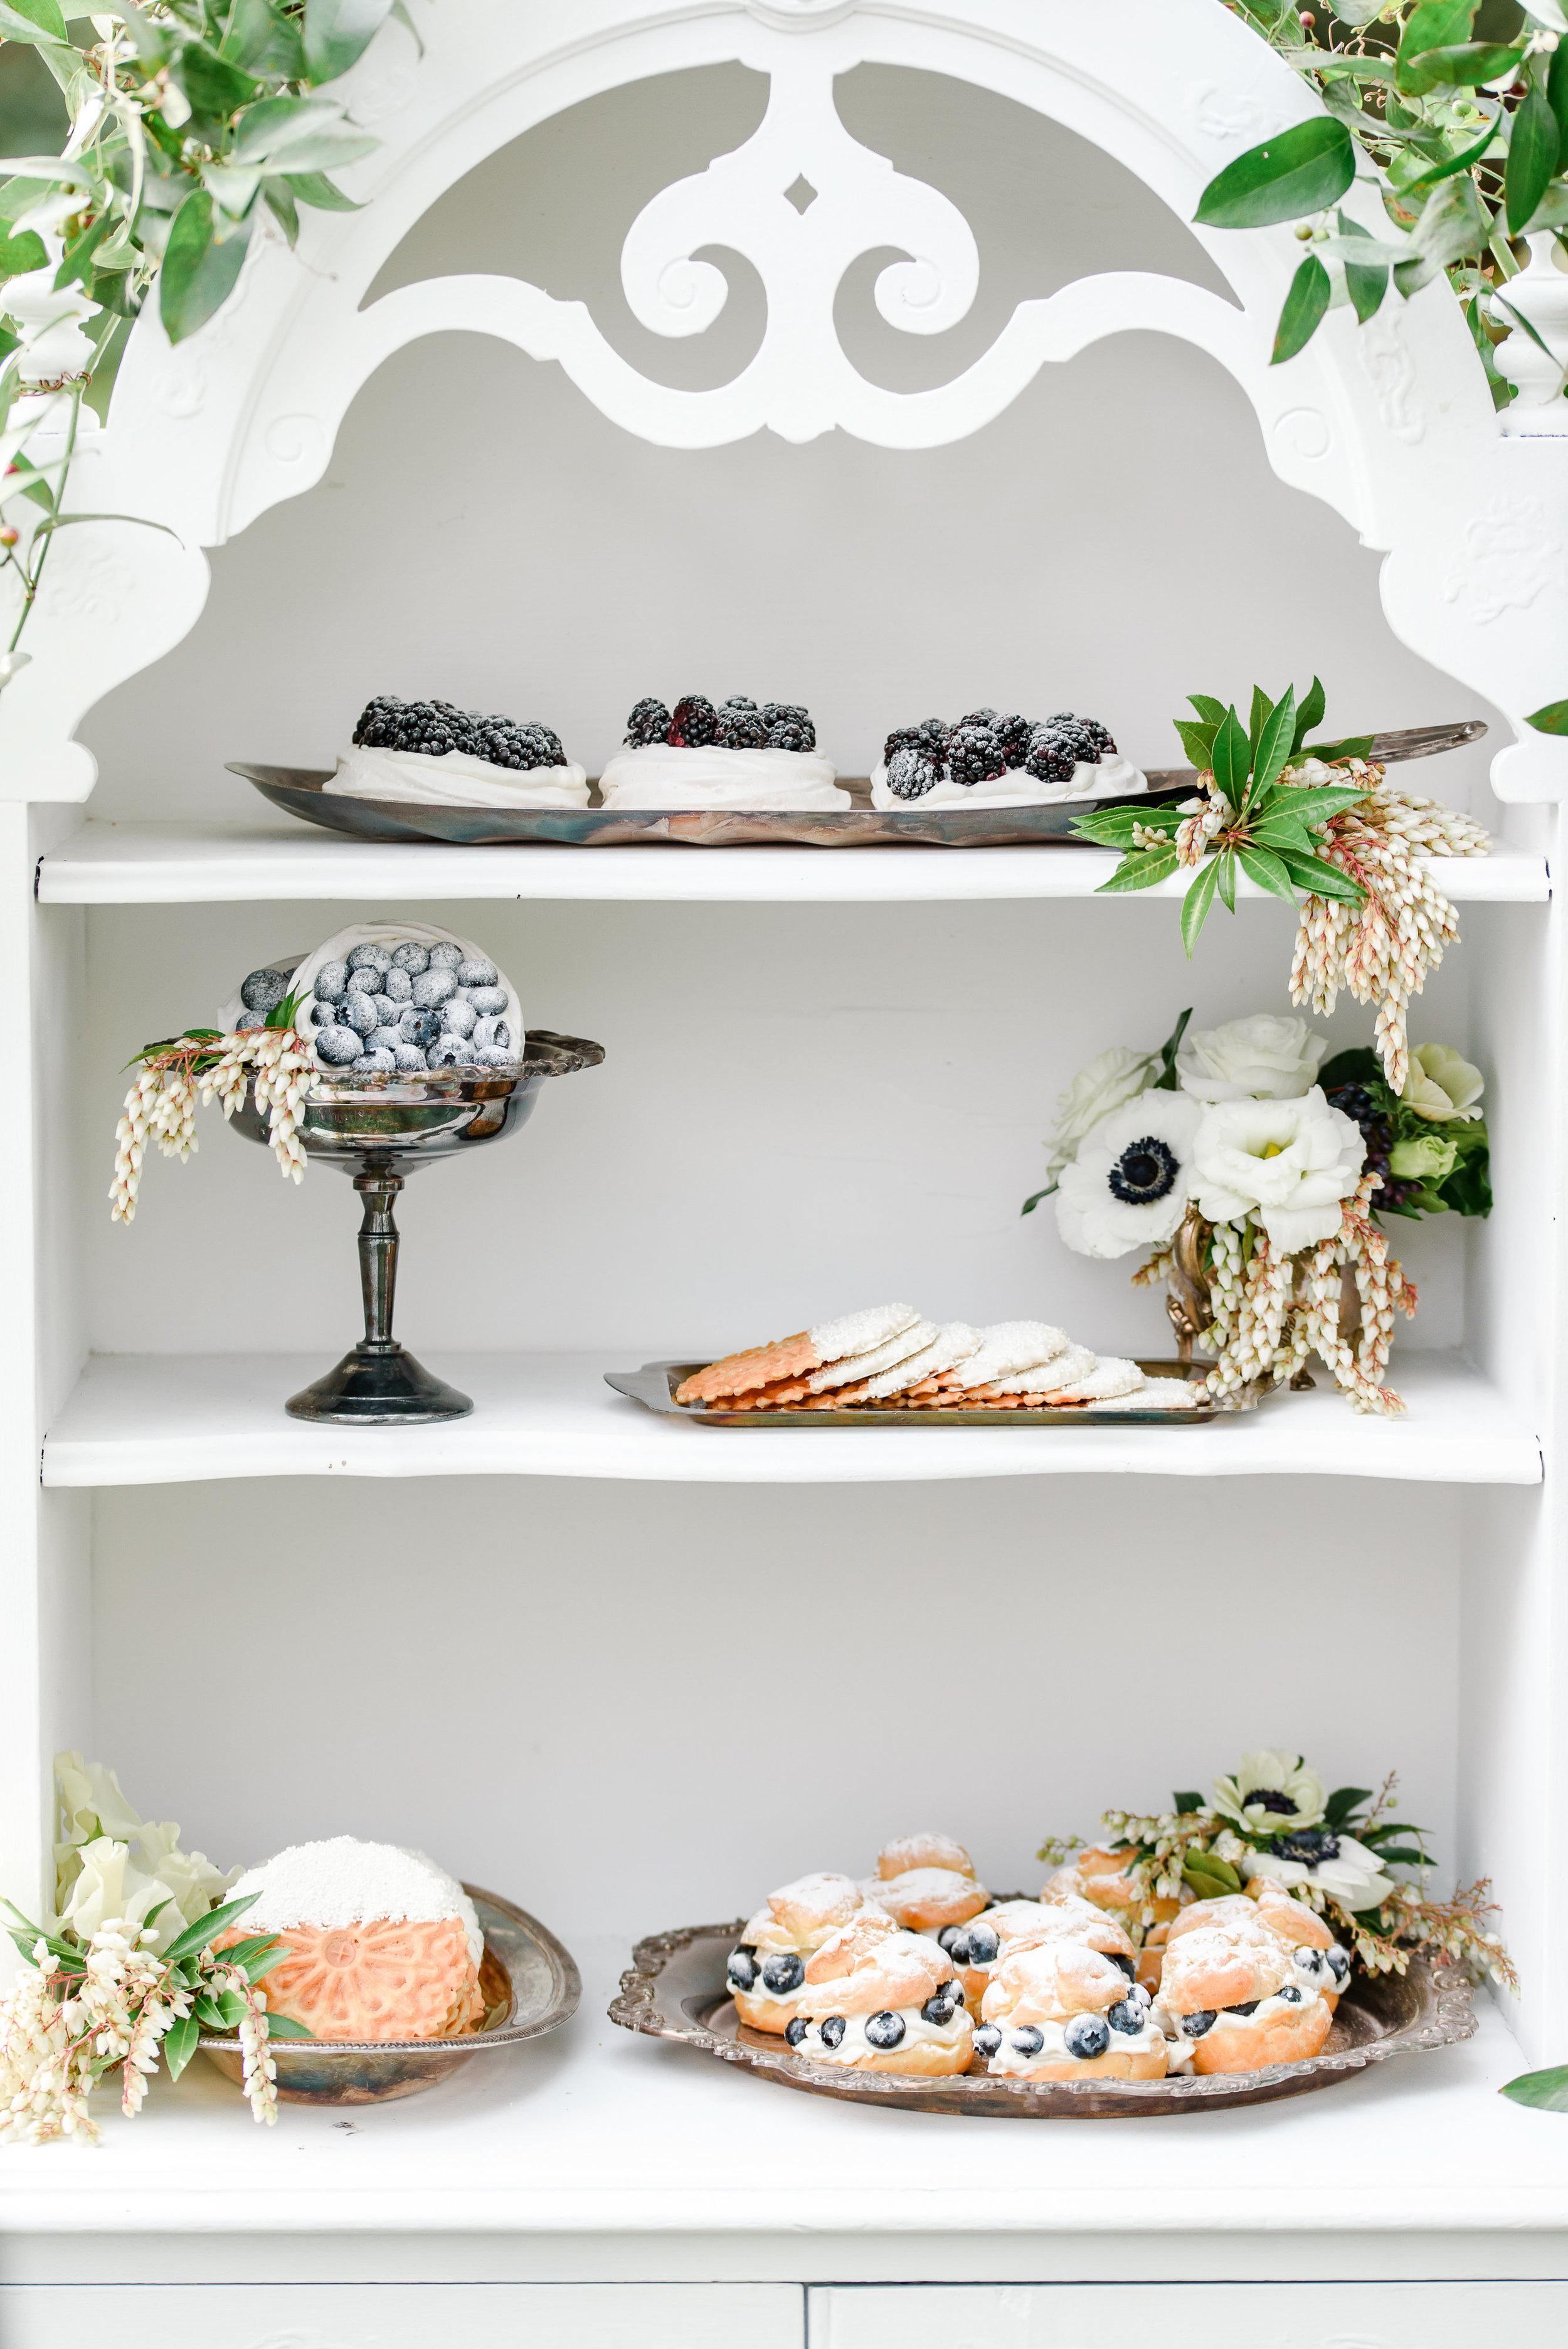 Garden Wedding Inspiration | Wedding Dessert Bar | Blueberry Desserts